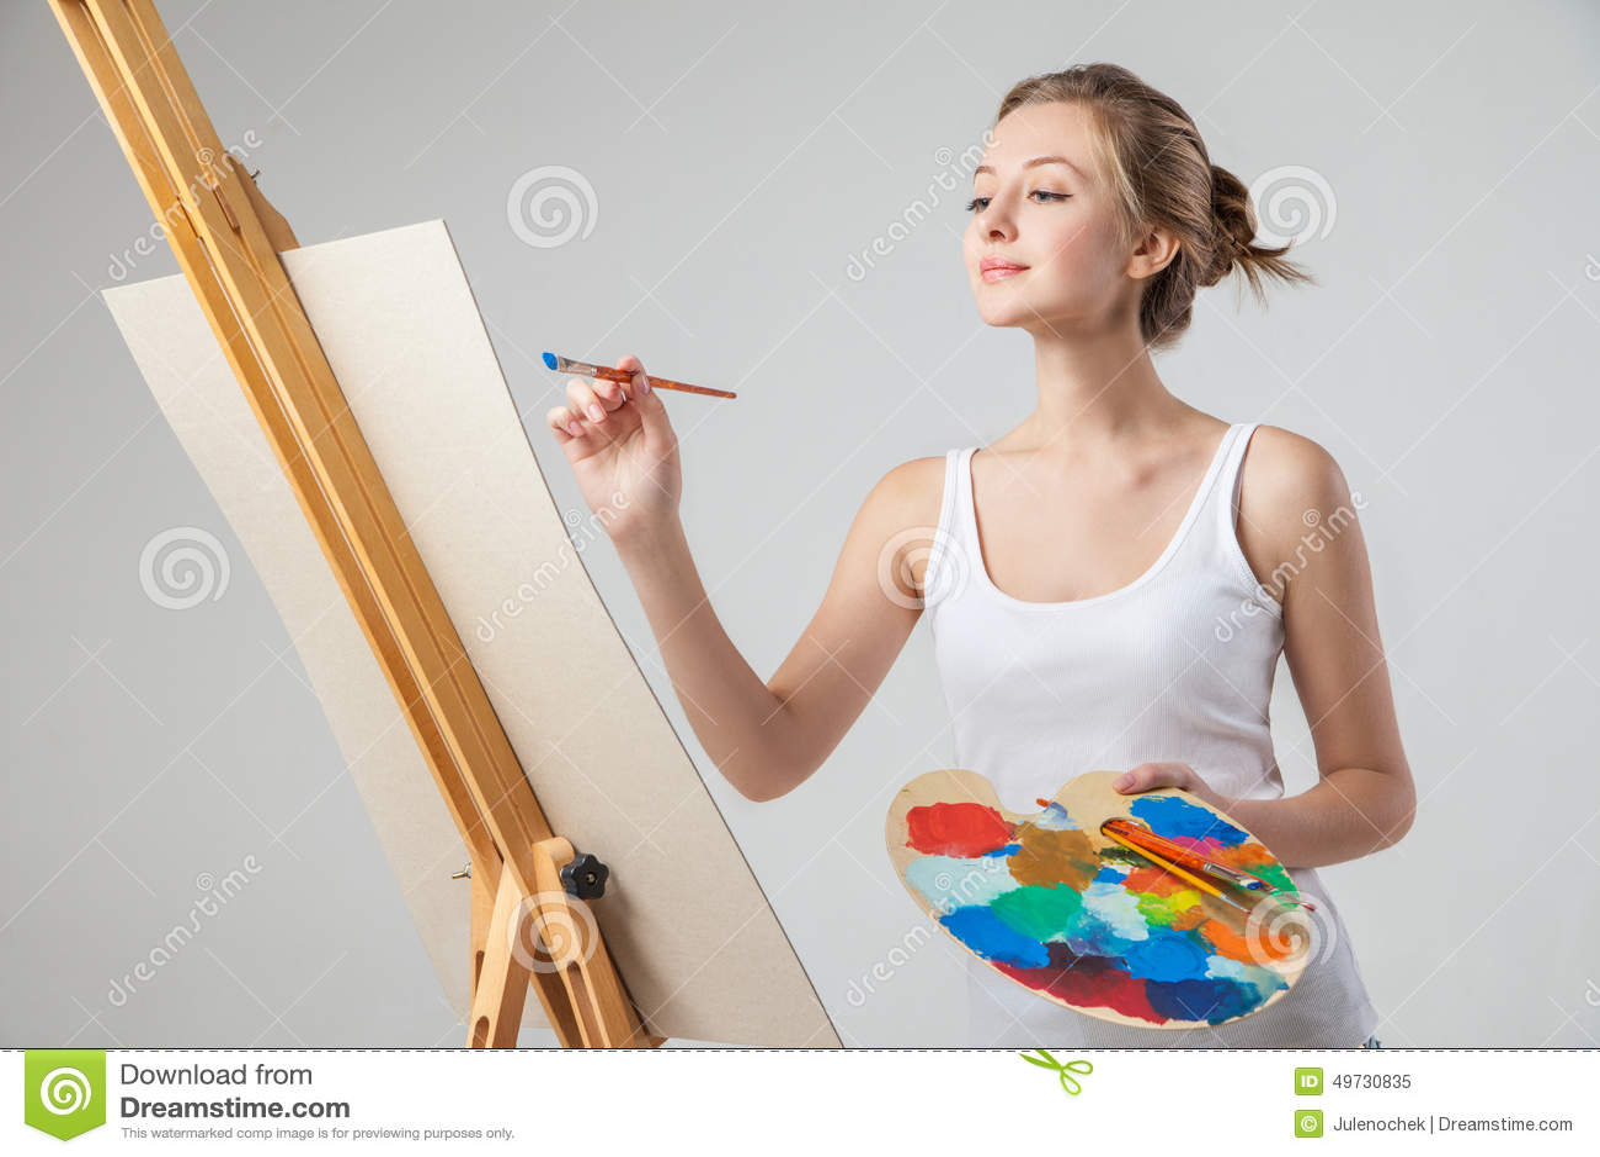 peintures de fille sur la toile avec des couleurs l. Black Bedroom Furniture Sets. Home Design Ideas